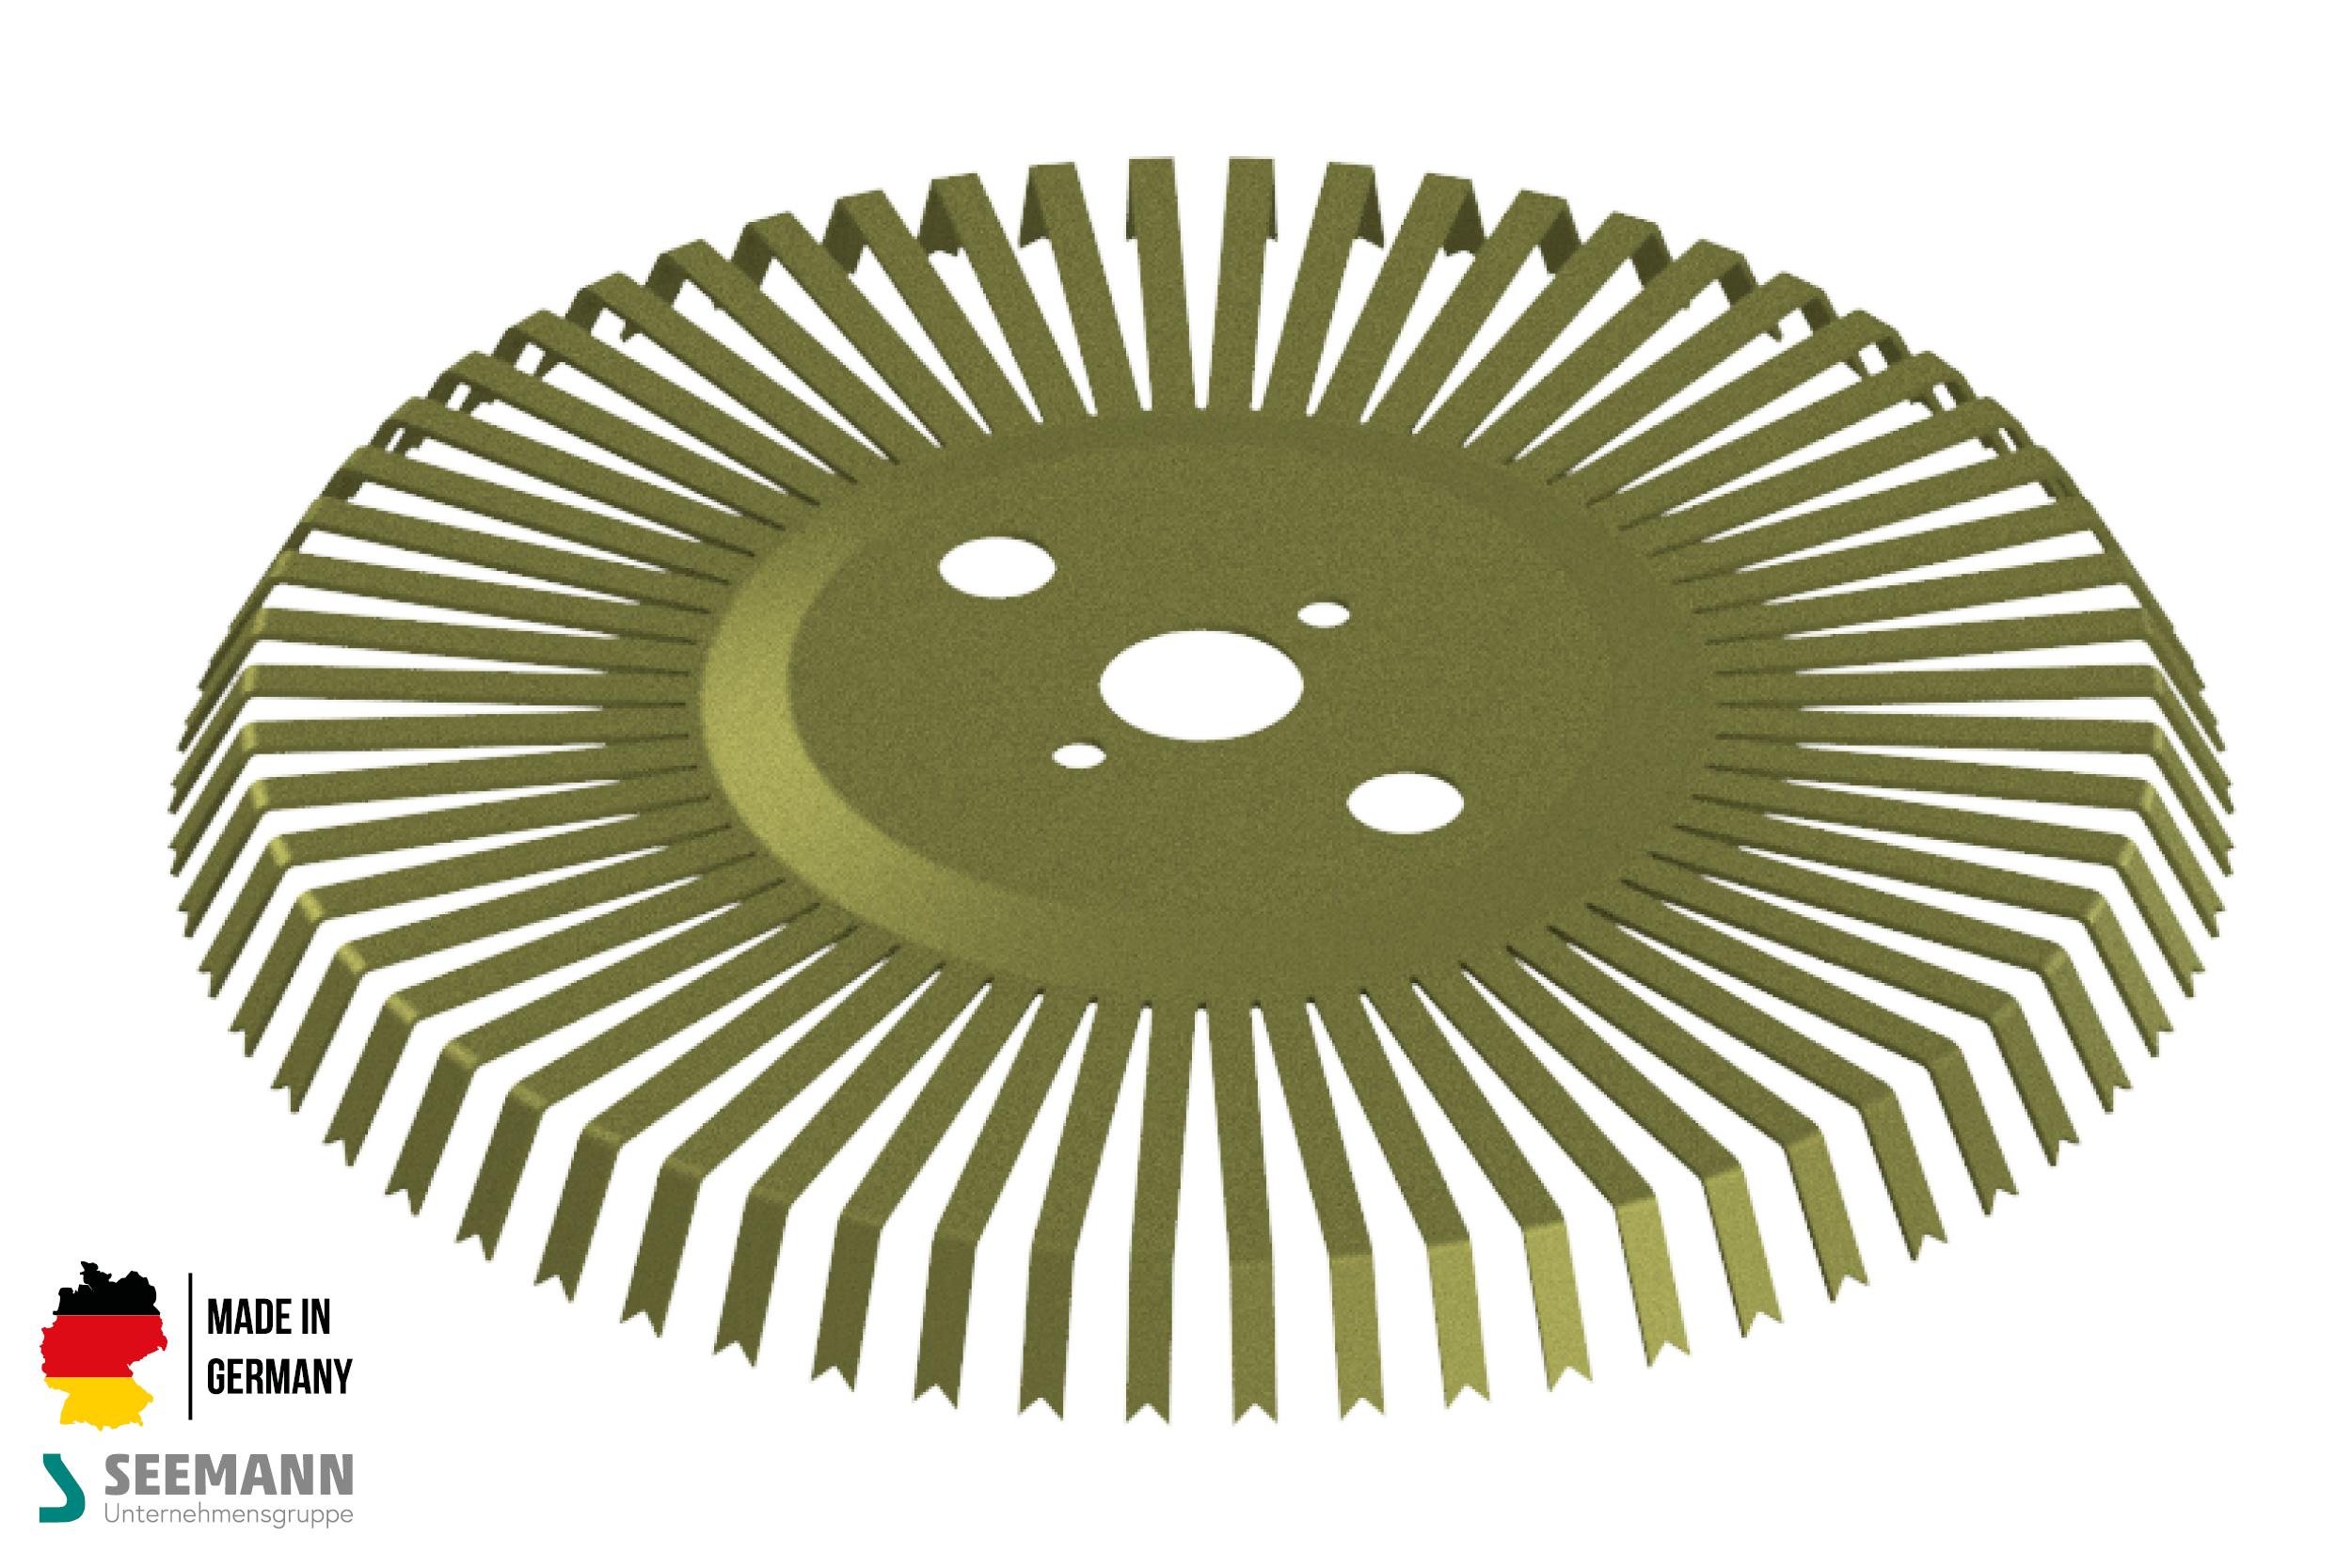 Titan-Stanzteller mit 60 Kontakten für Wechselflansch